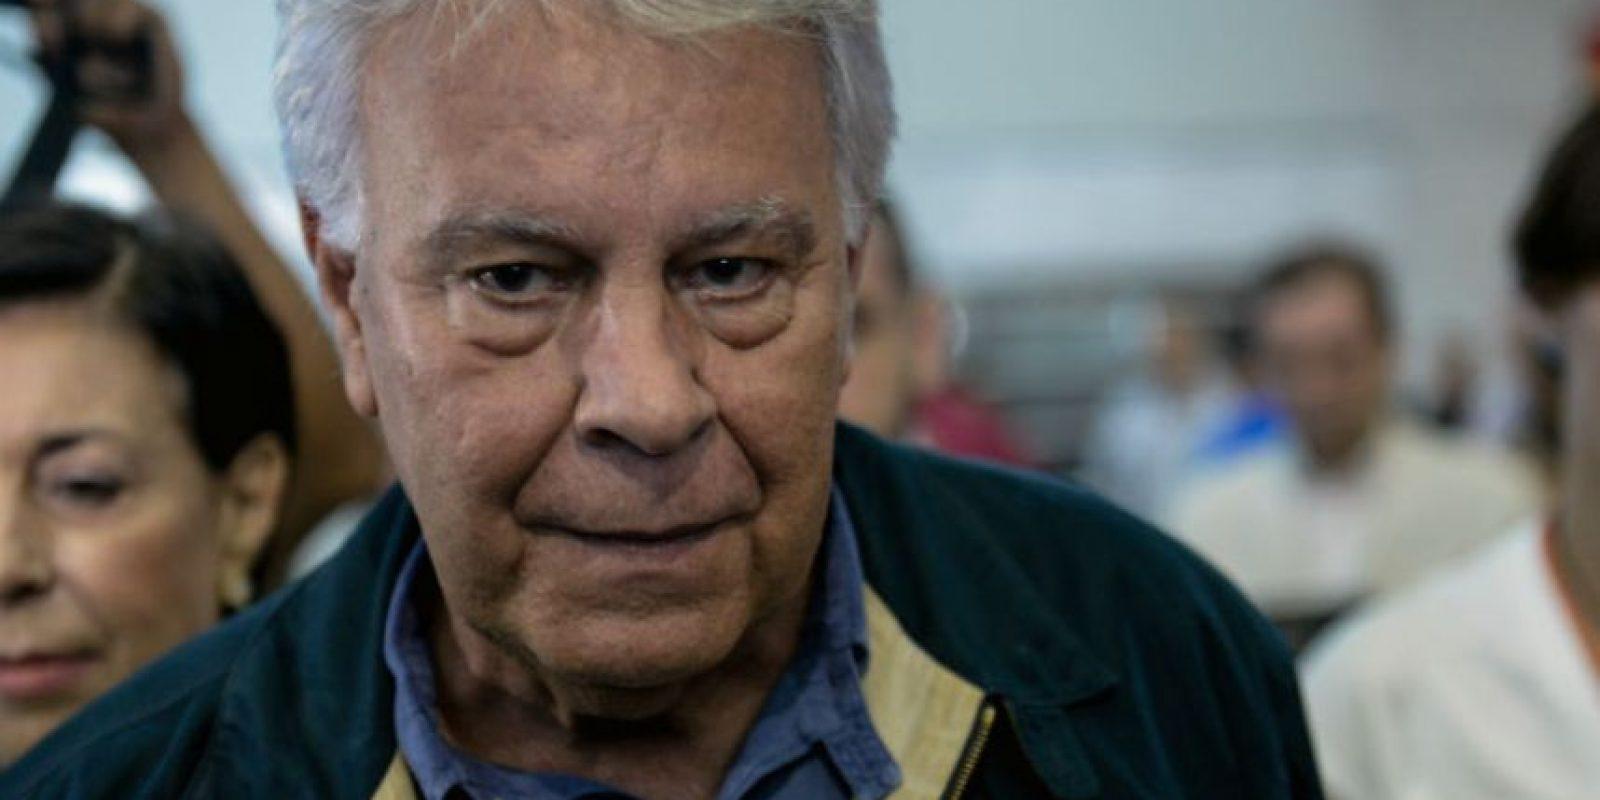 El expresidente intentará acceder a la prisión donde se encuentran los dos opositores, aunque otros mandatarios han sido rechazados. Foto:AFP